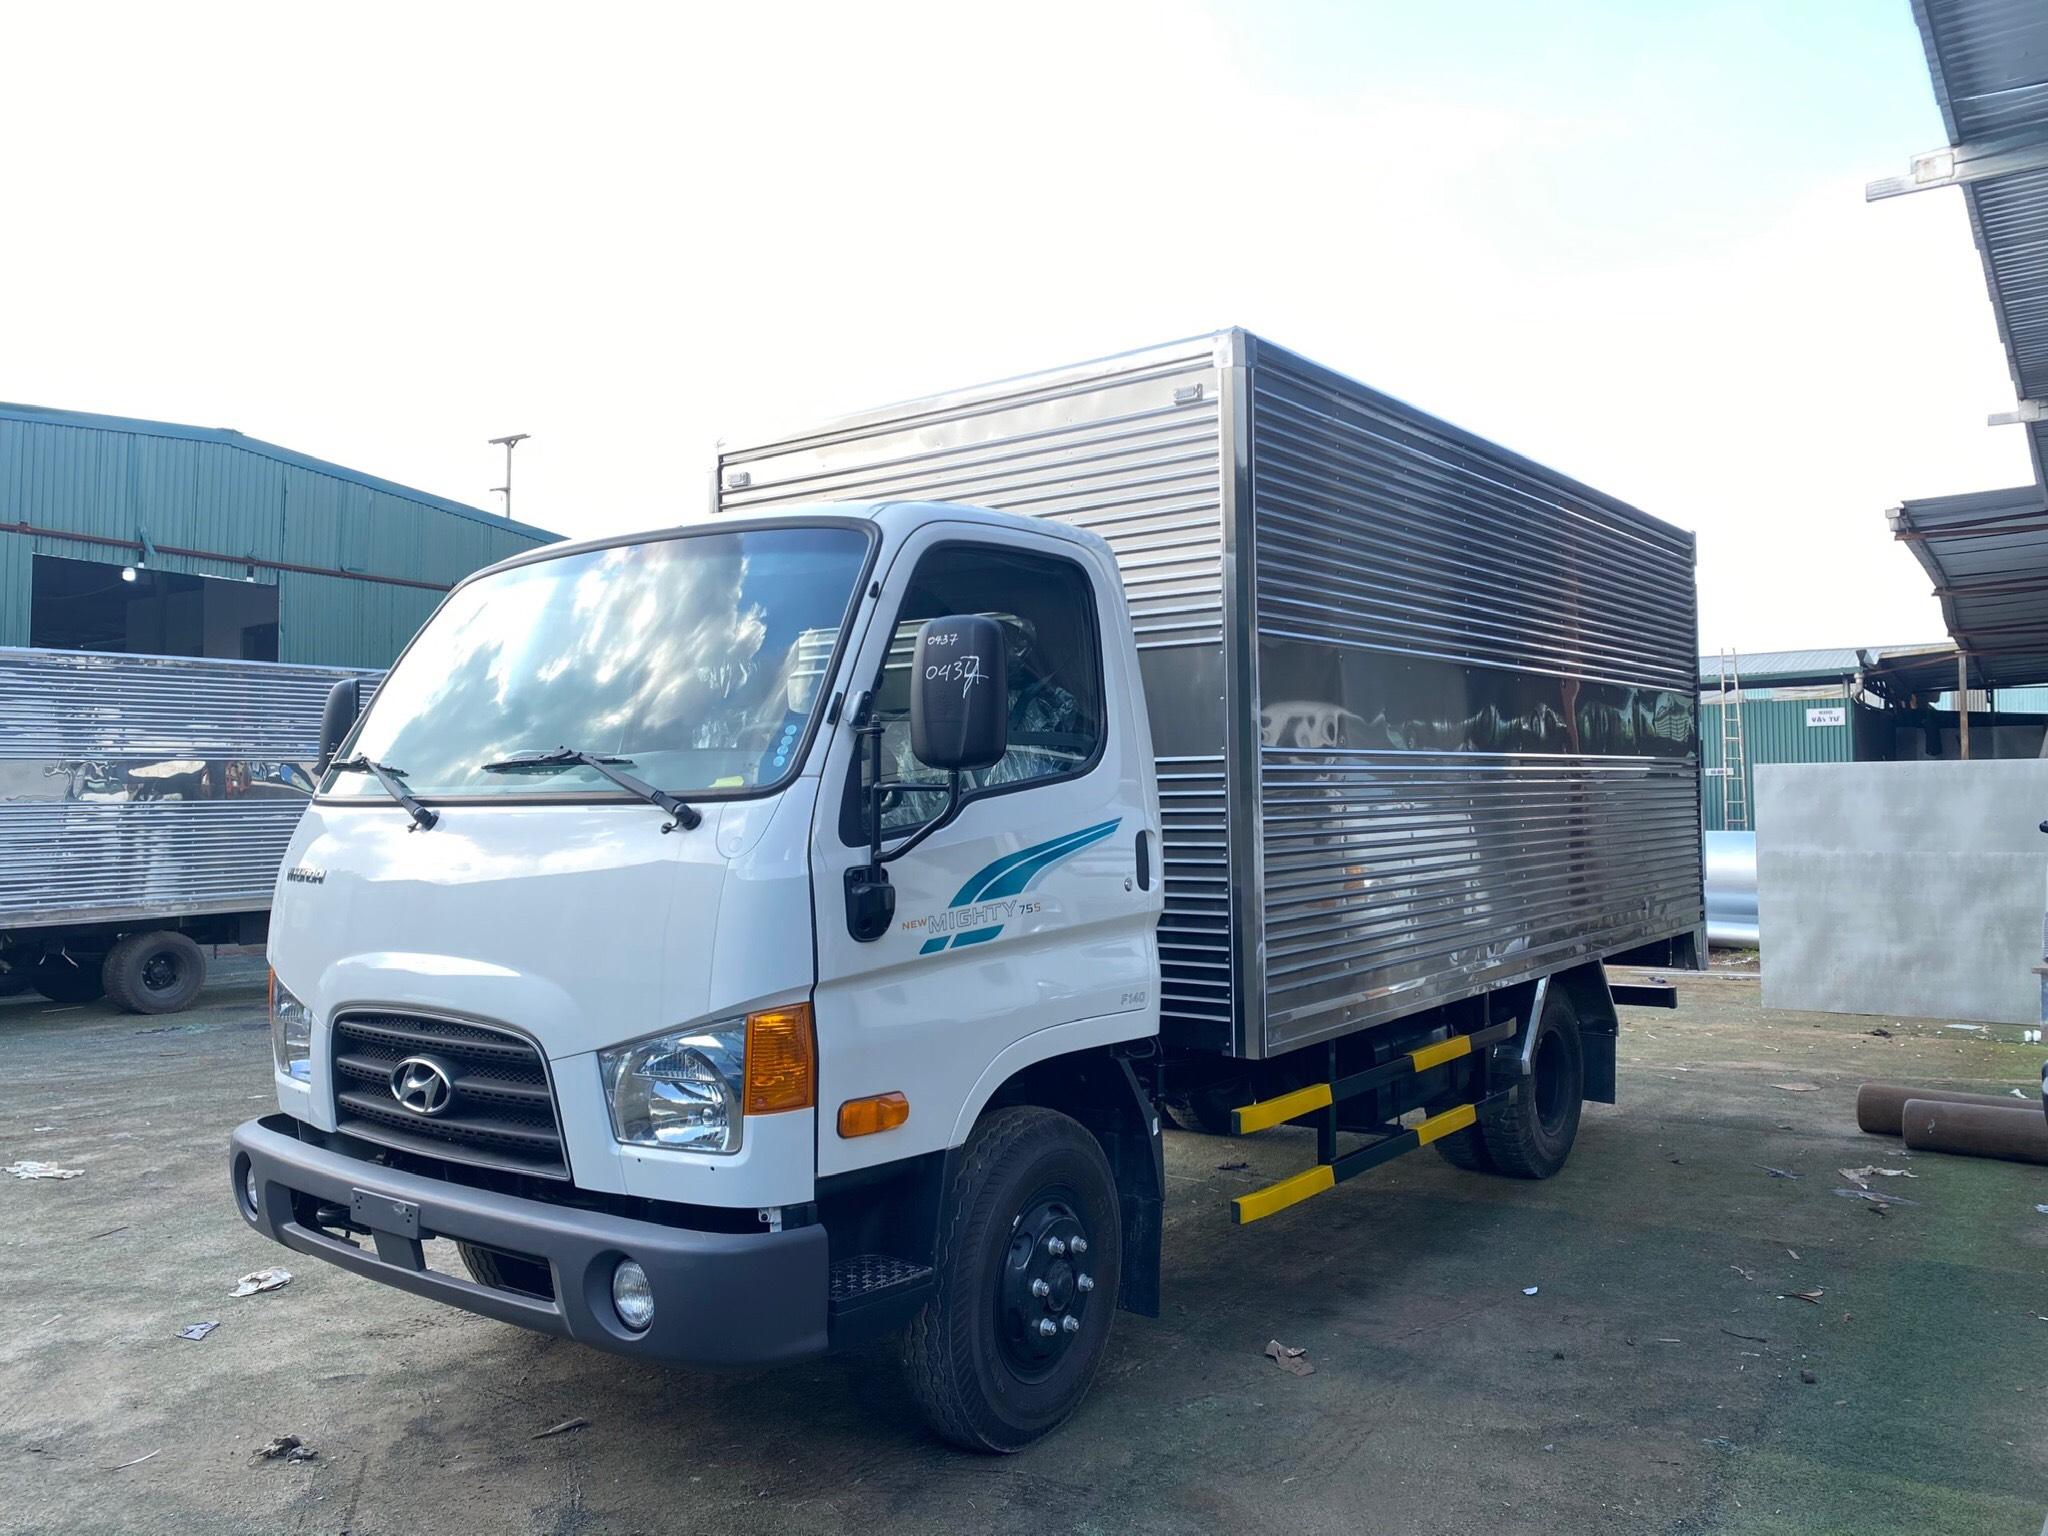 Bán xe tải Hyundai 75S tại Sơn La